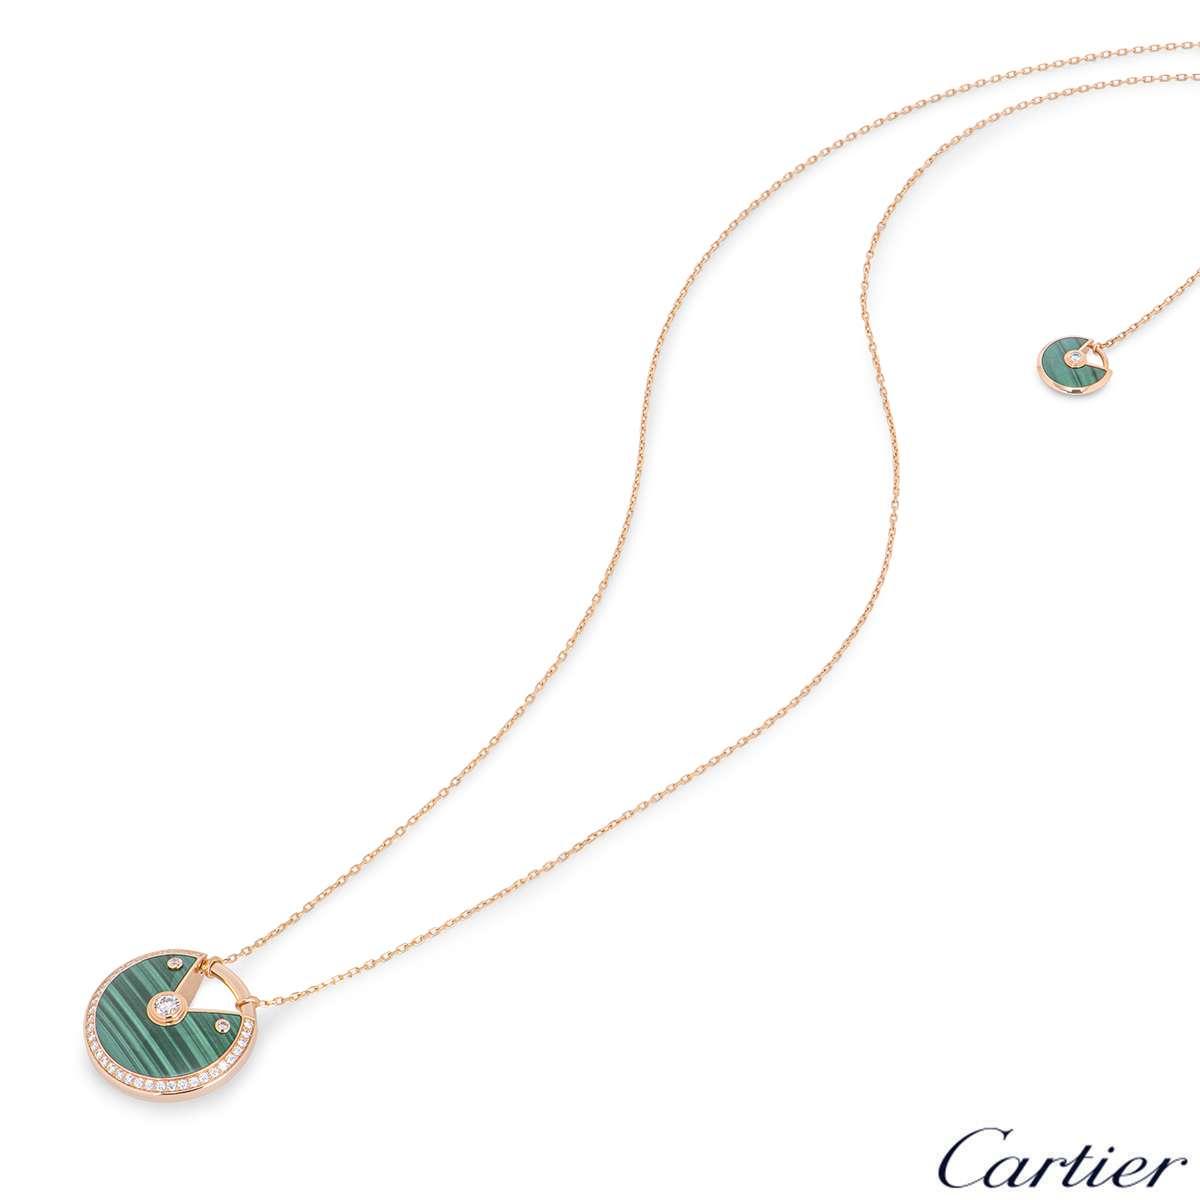 Cartier Rose Gold Malachite Amulette De Cartier Necklace